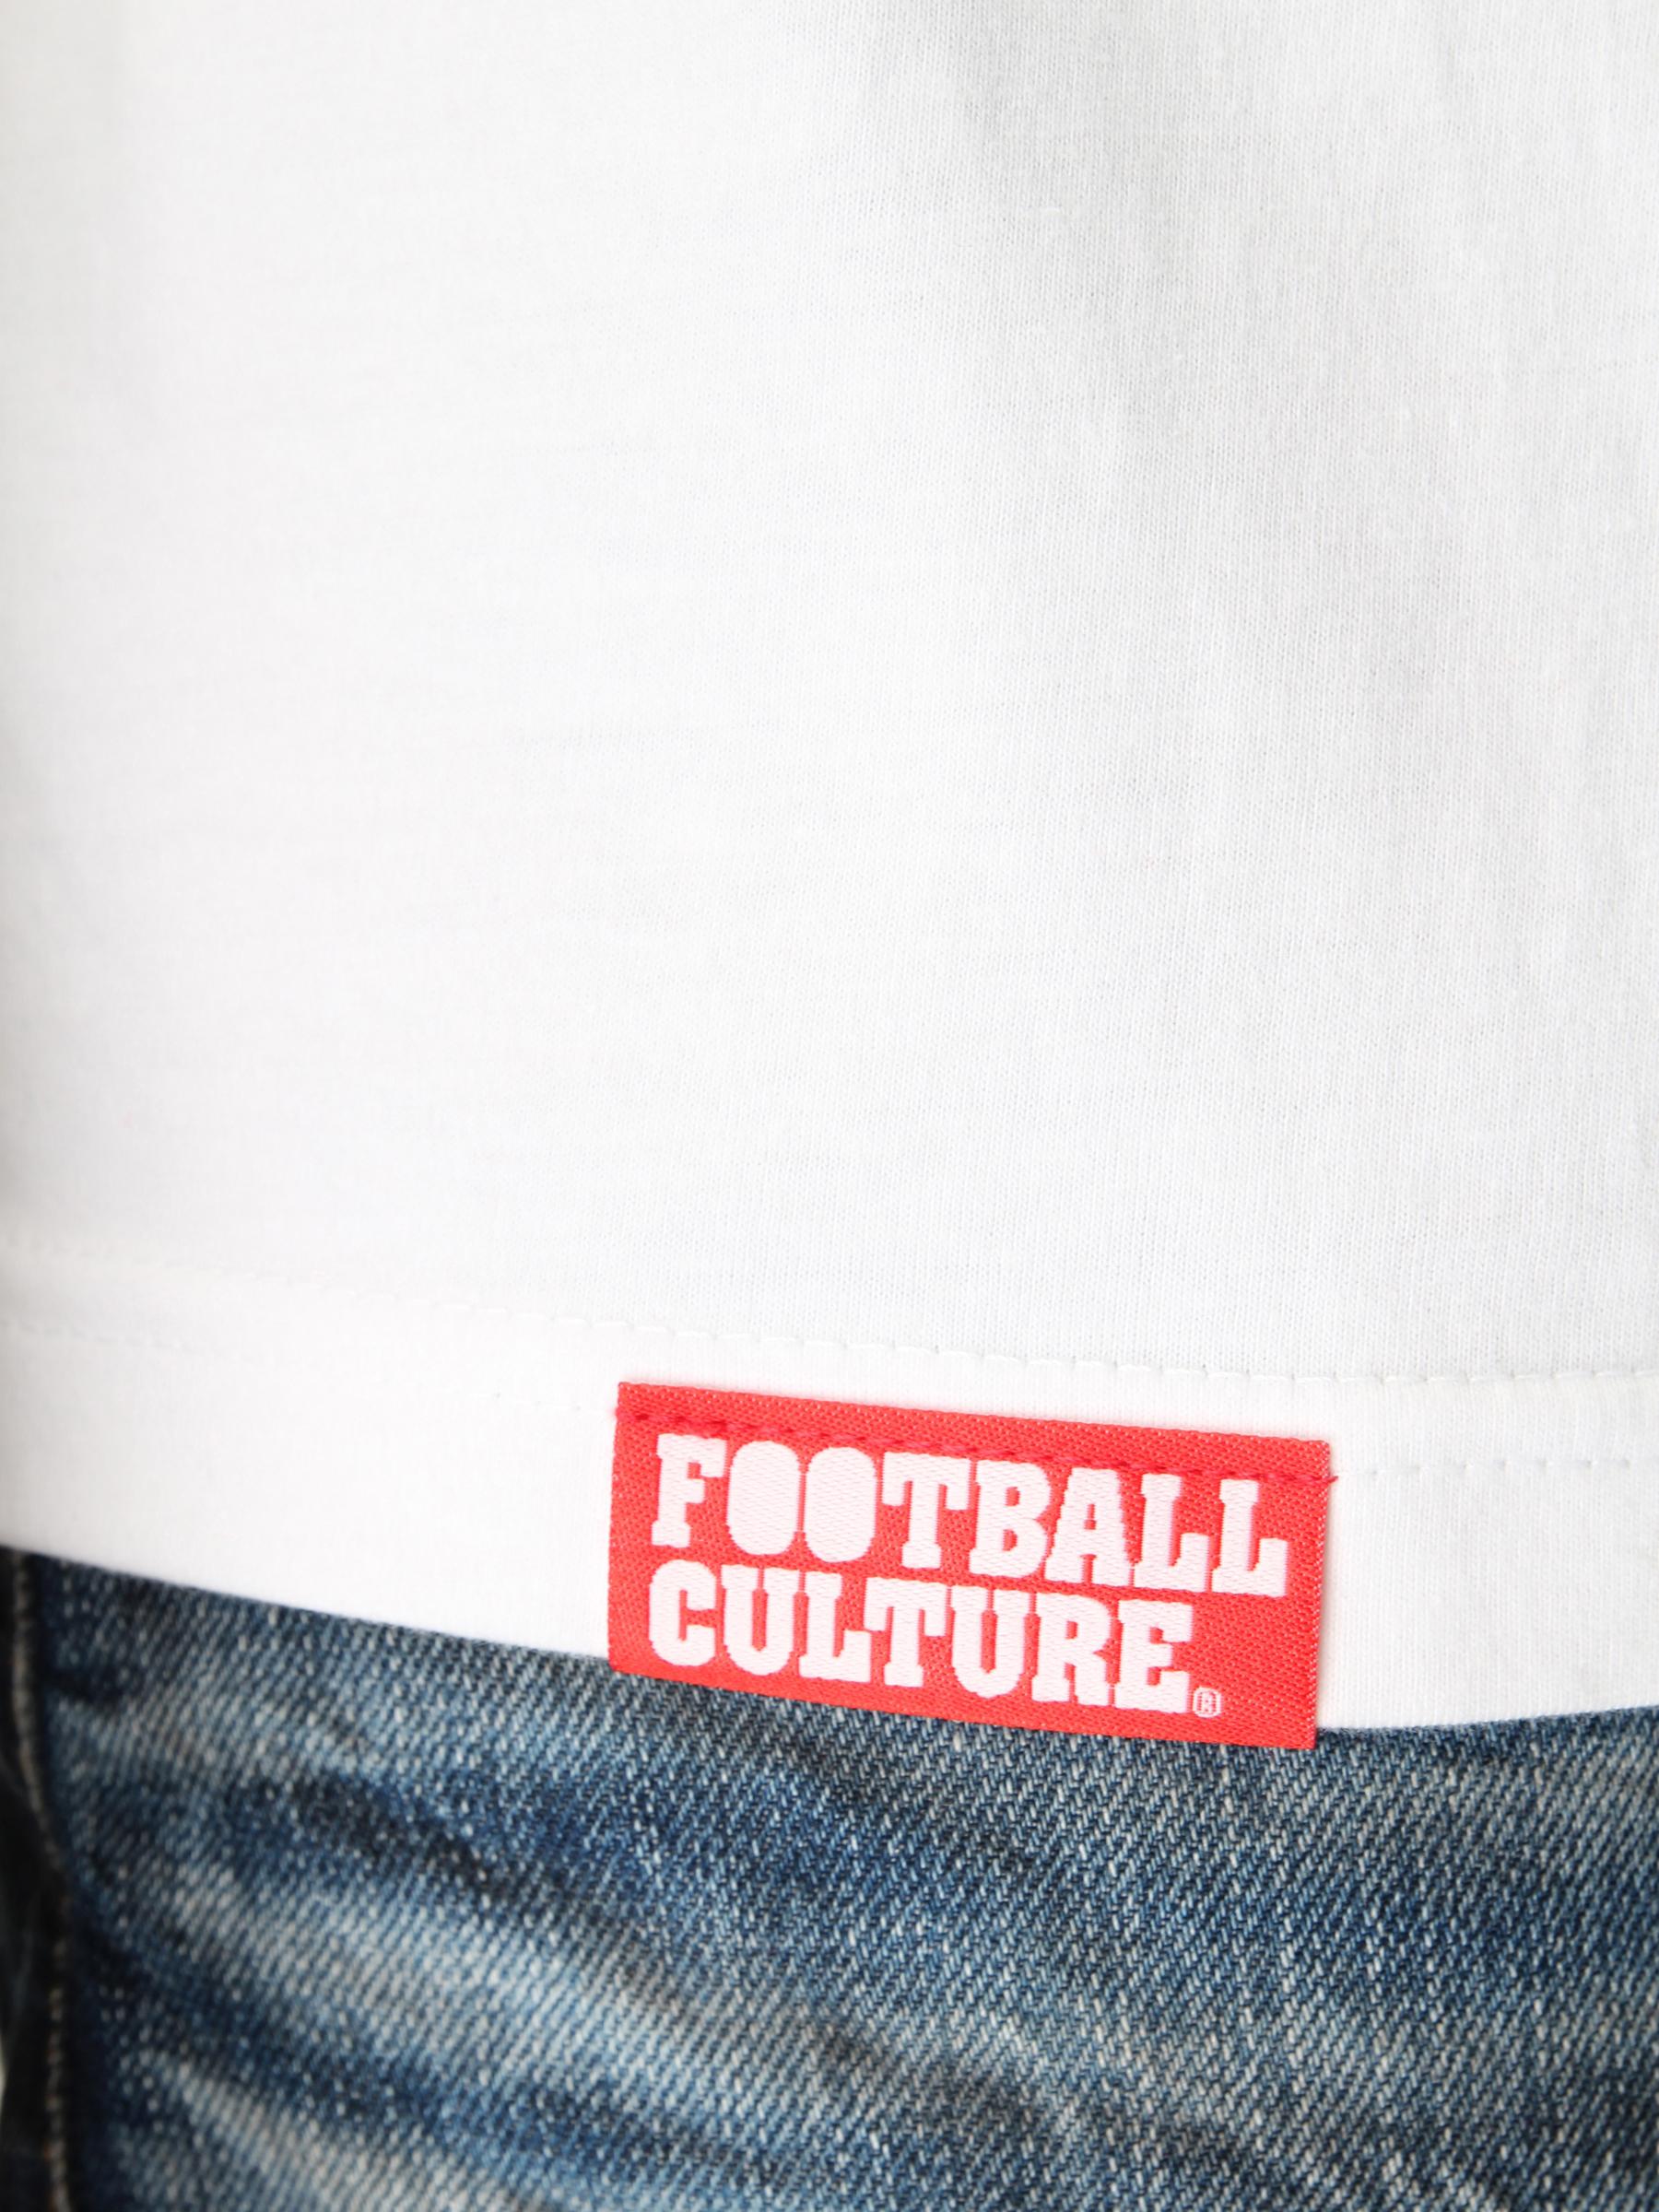 FC 130402 Paine Proffitt WorkingClass 5 footballculturelogo